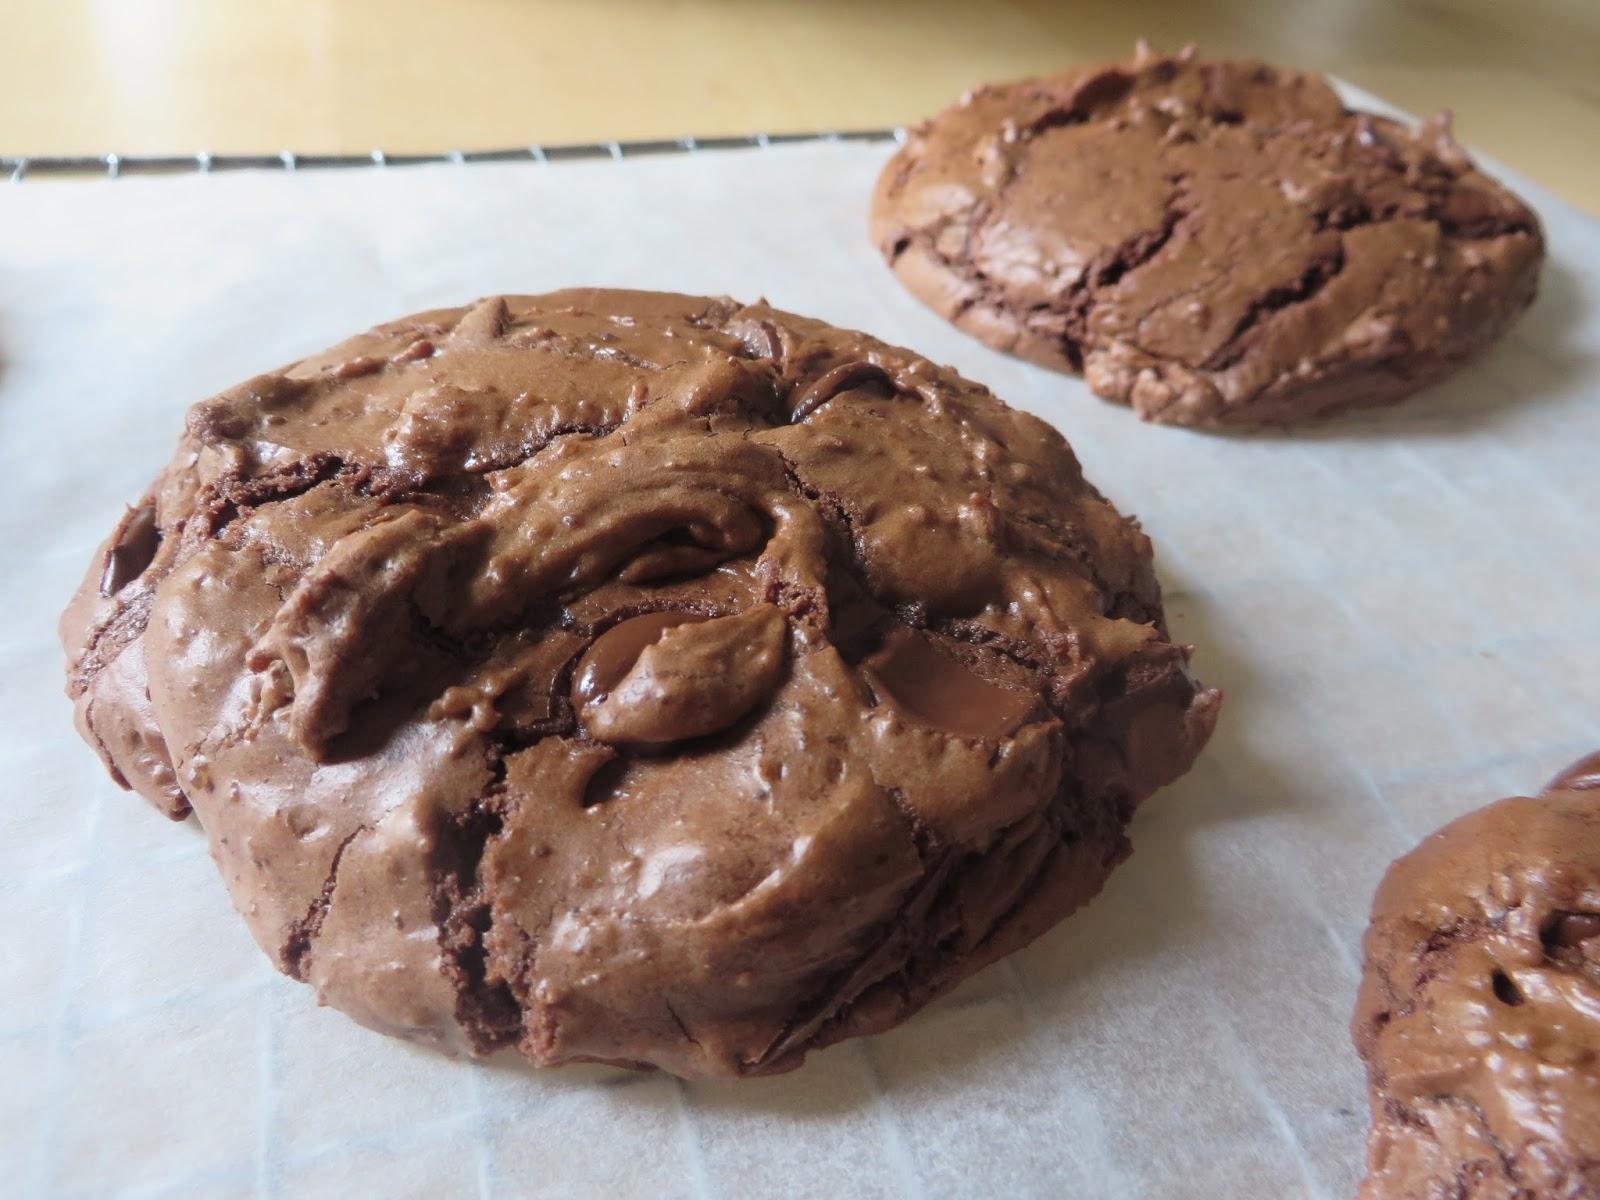 chocolade koekjes bakken met cacao